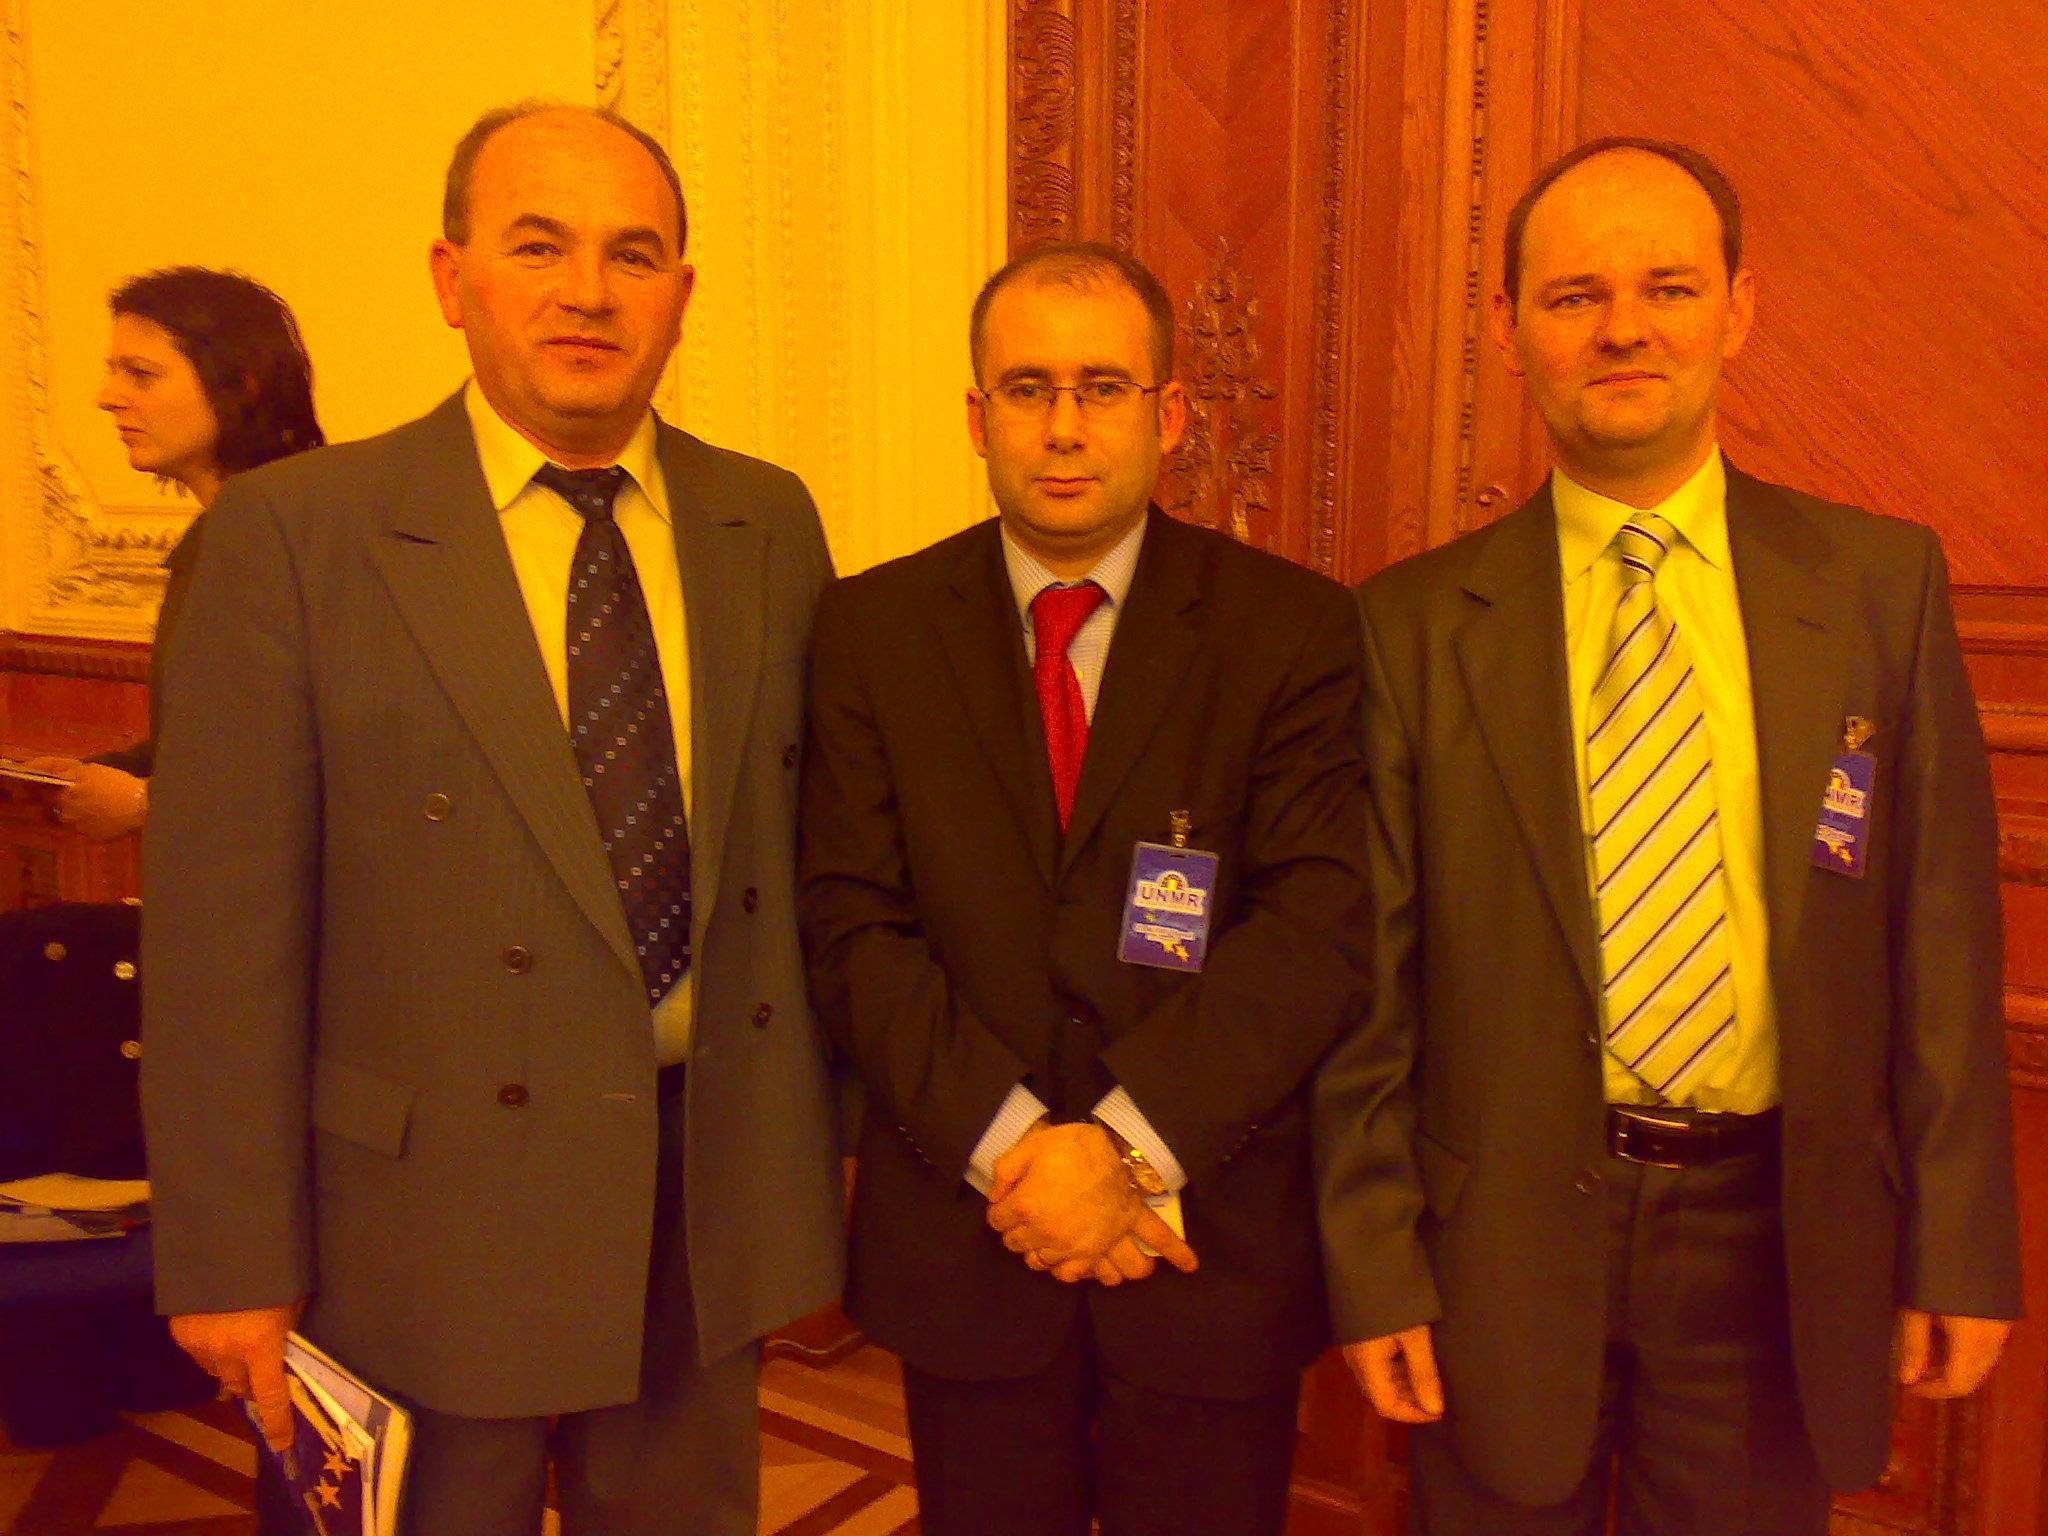 Mediator Asofronie C. cu Claudiu Ignat si Zeno Sustac